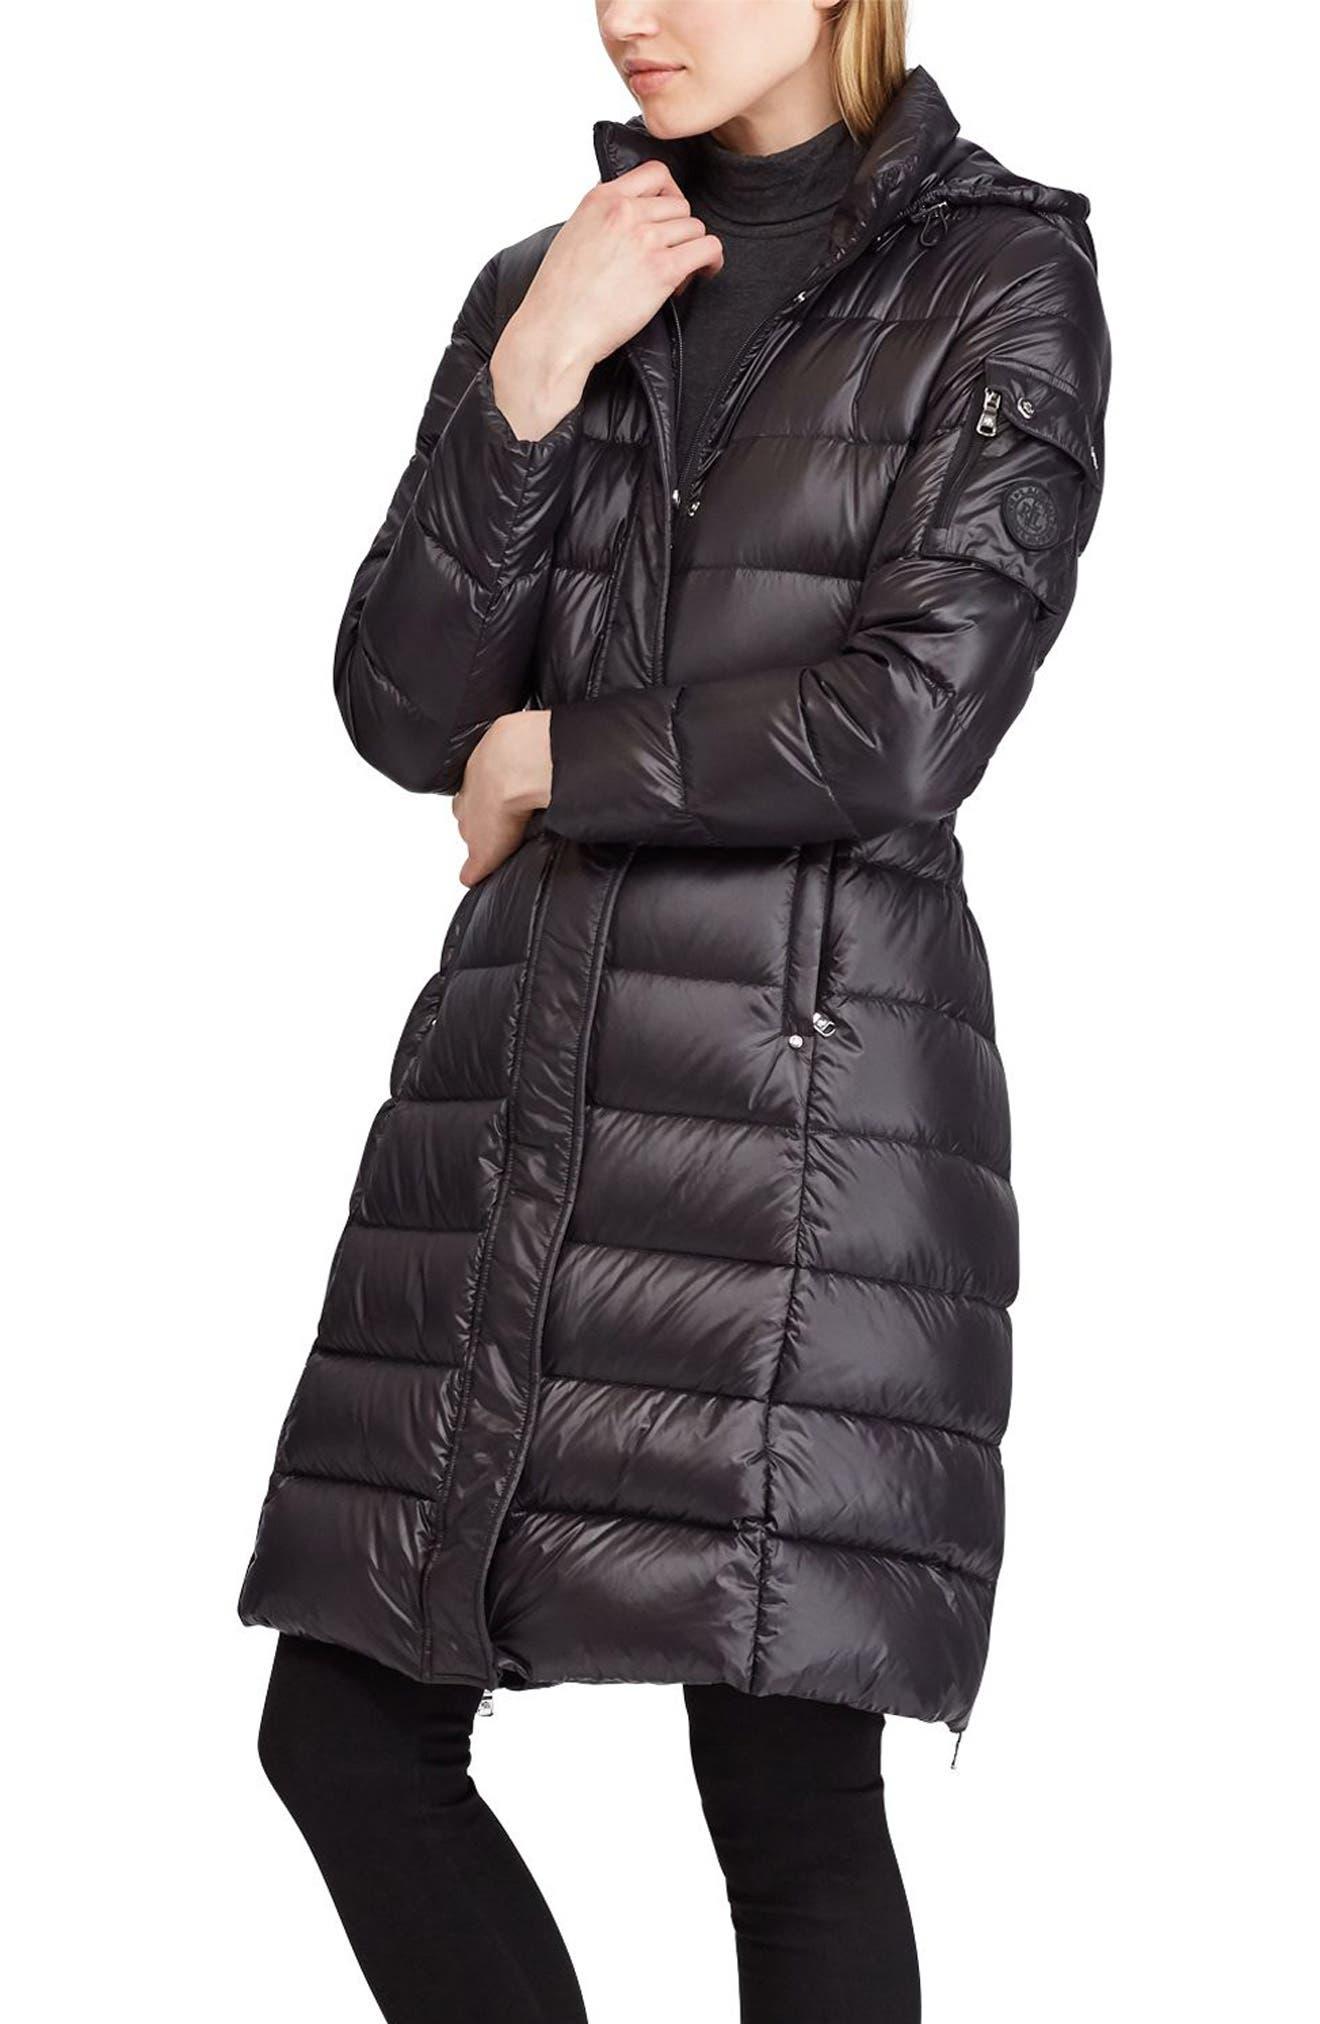 LAUREN RALPH LAUREN Packable Down Coat, Main, color, 001